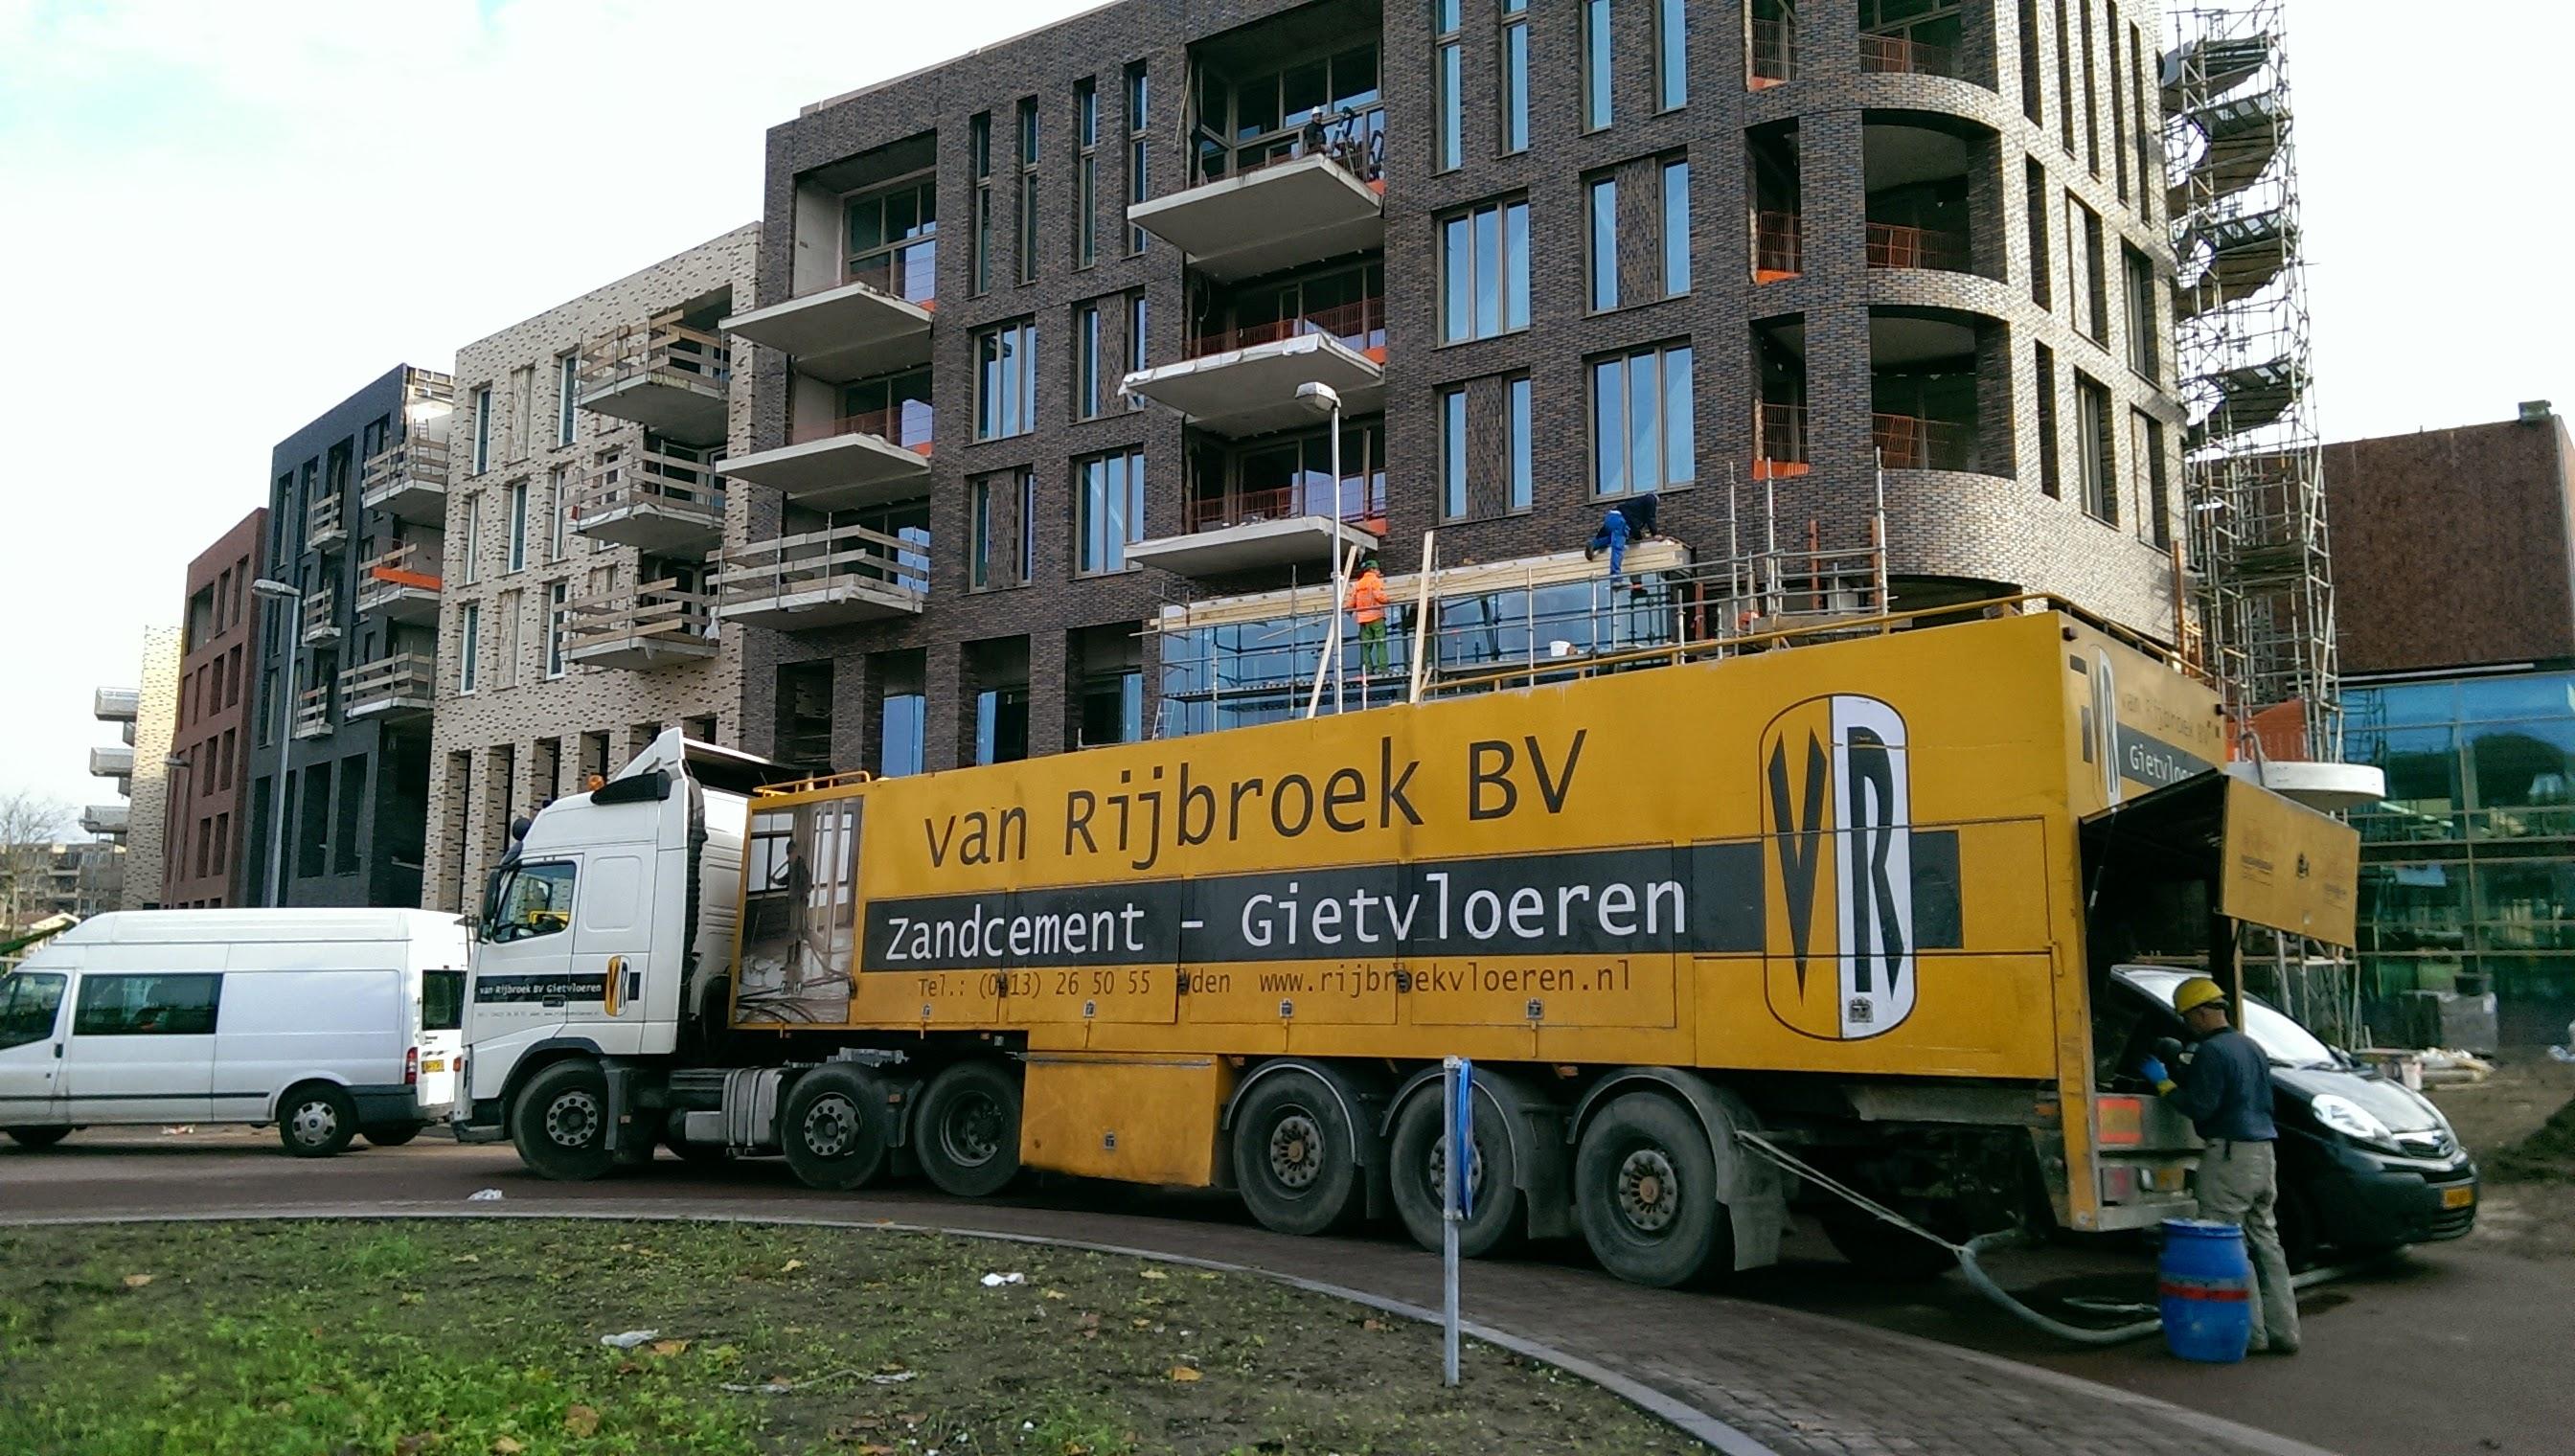 BAM Utiliteitsbouw realiseert samen met Vloerenbedrijf van Rijbroek Centrumplan Hoek Promenade te Uden